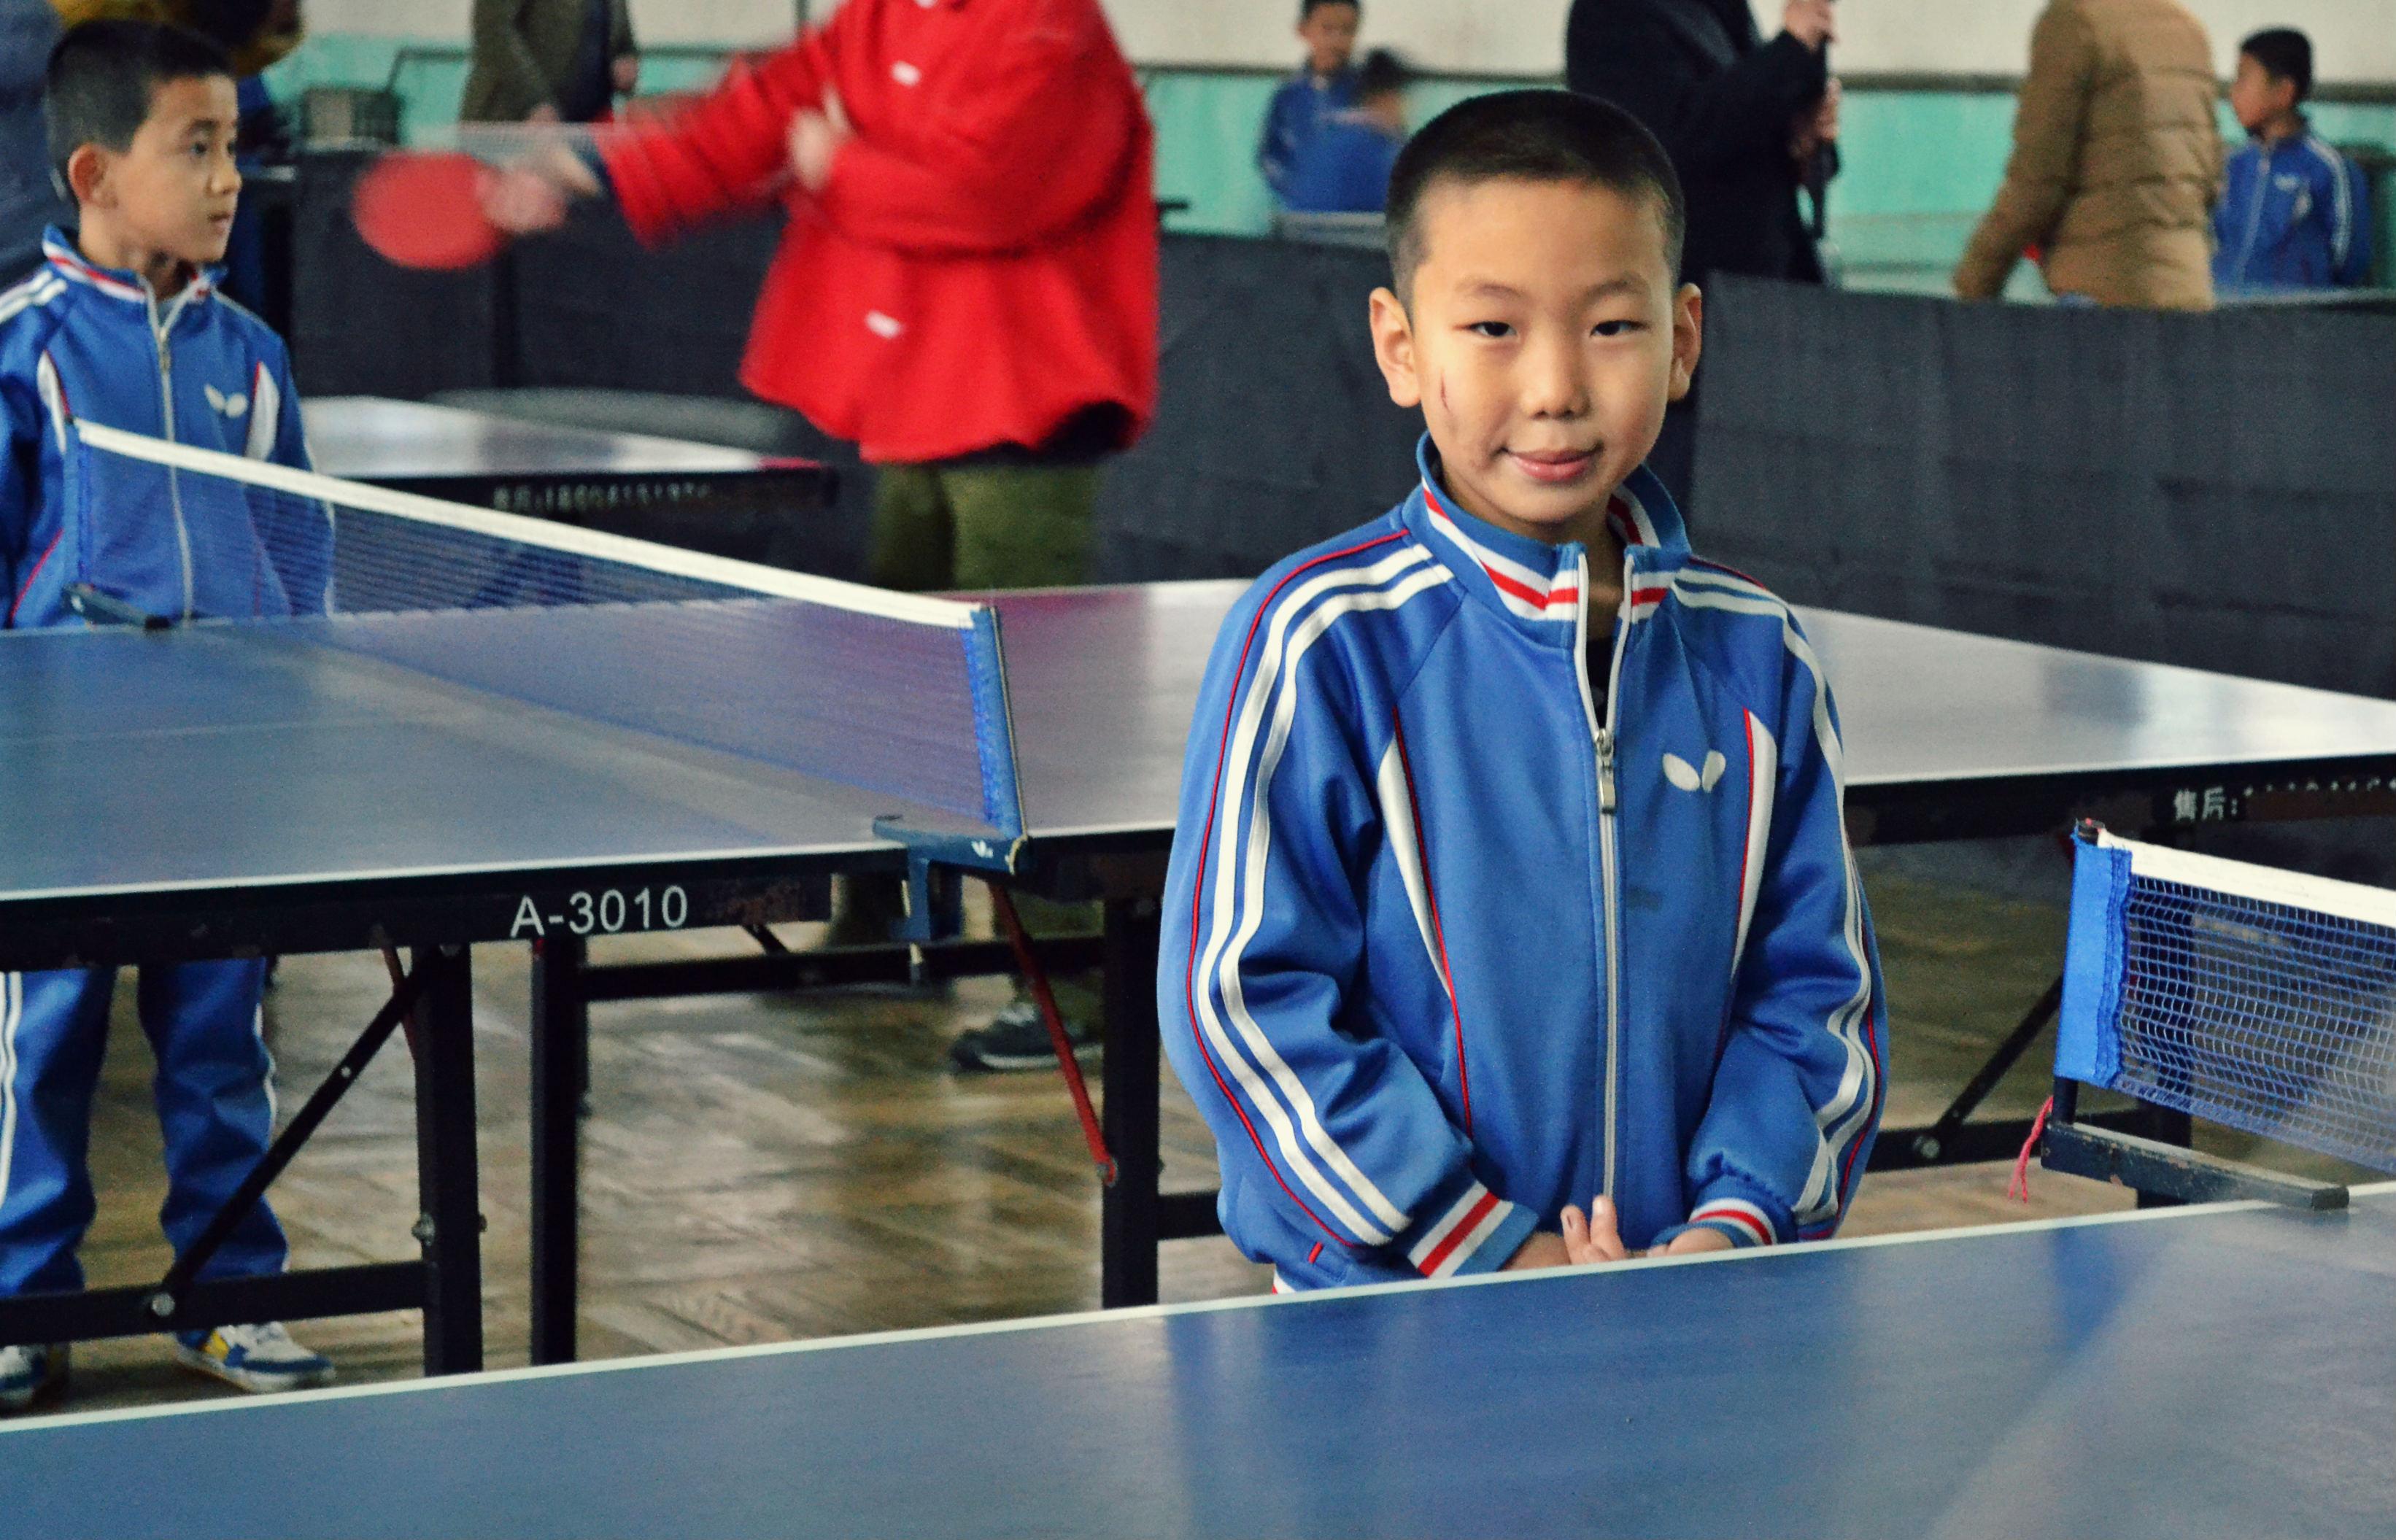 Sportbemutató, lealáztak pingpongban a hétévesek